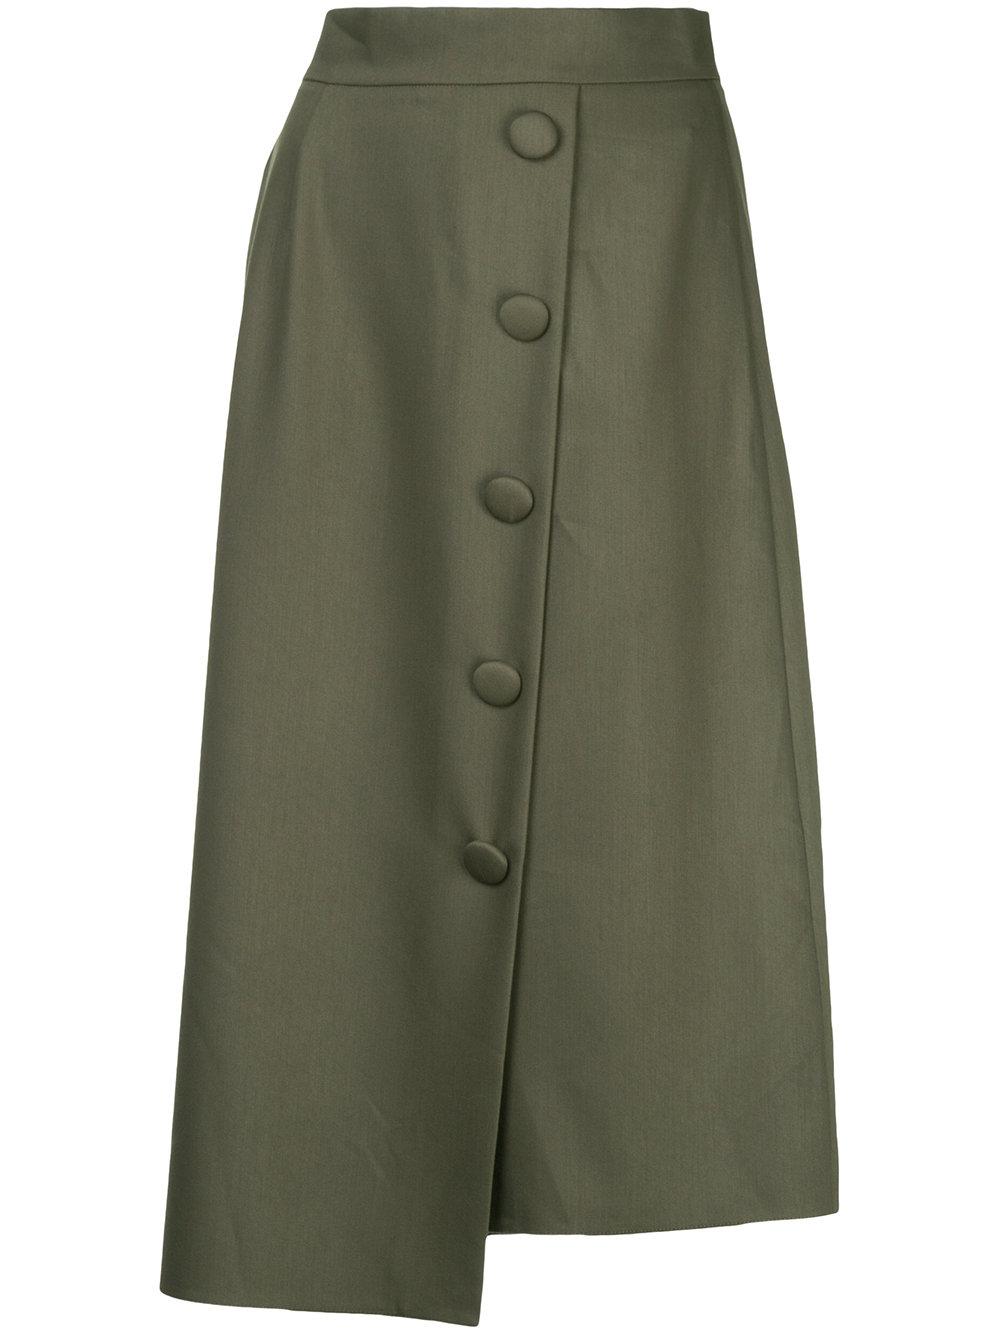 Что купить: необычные юбки (фото 4)